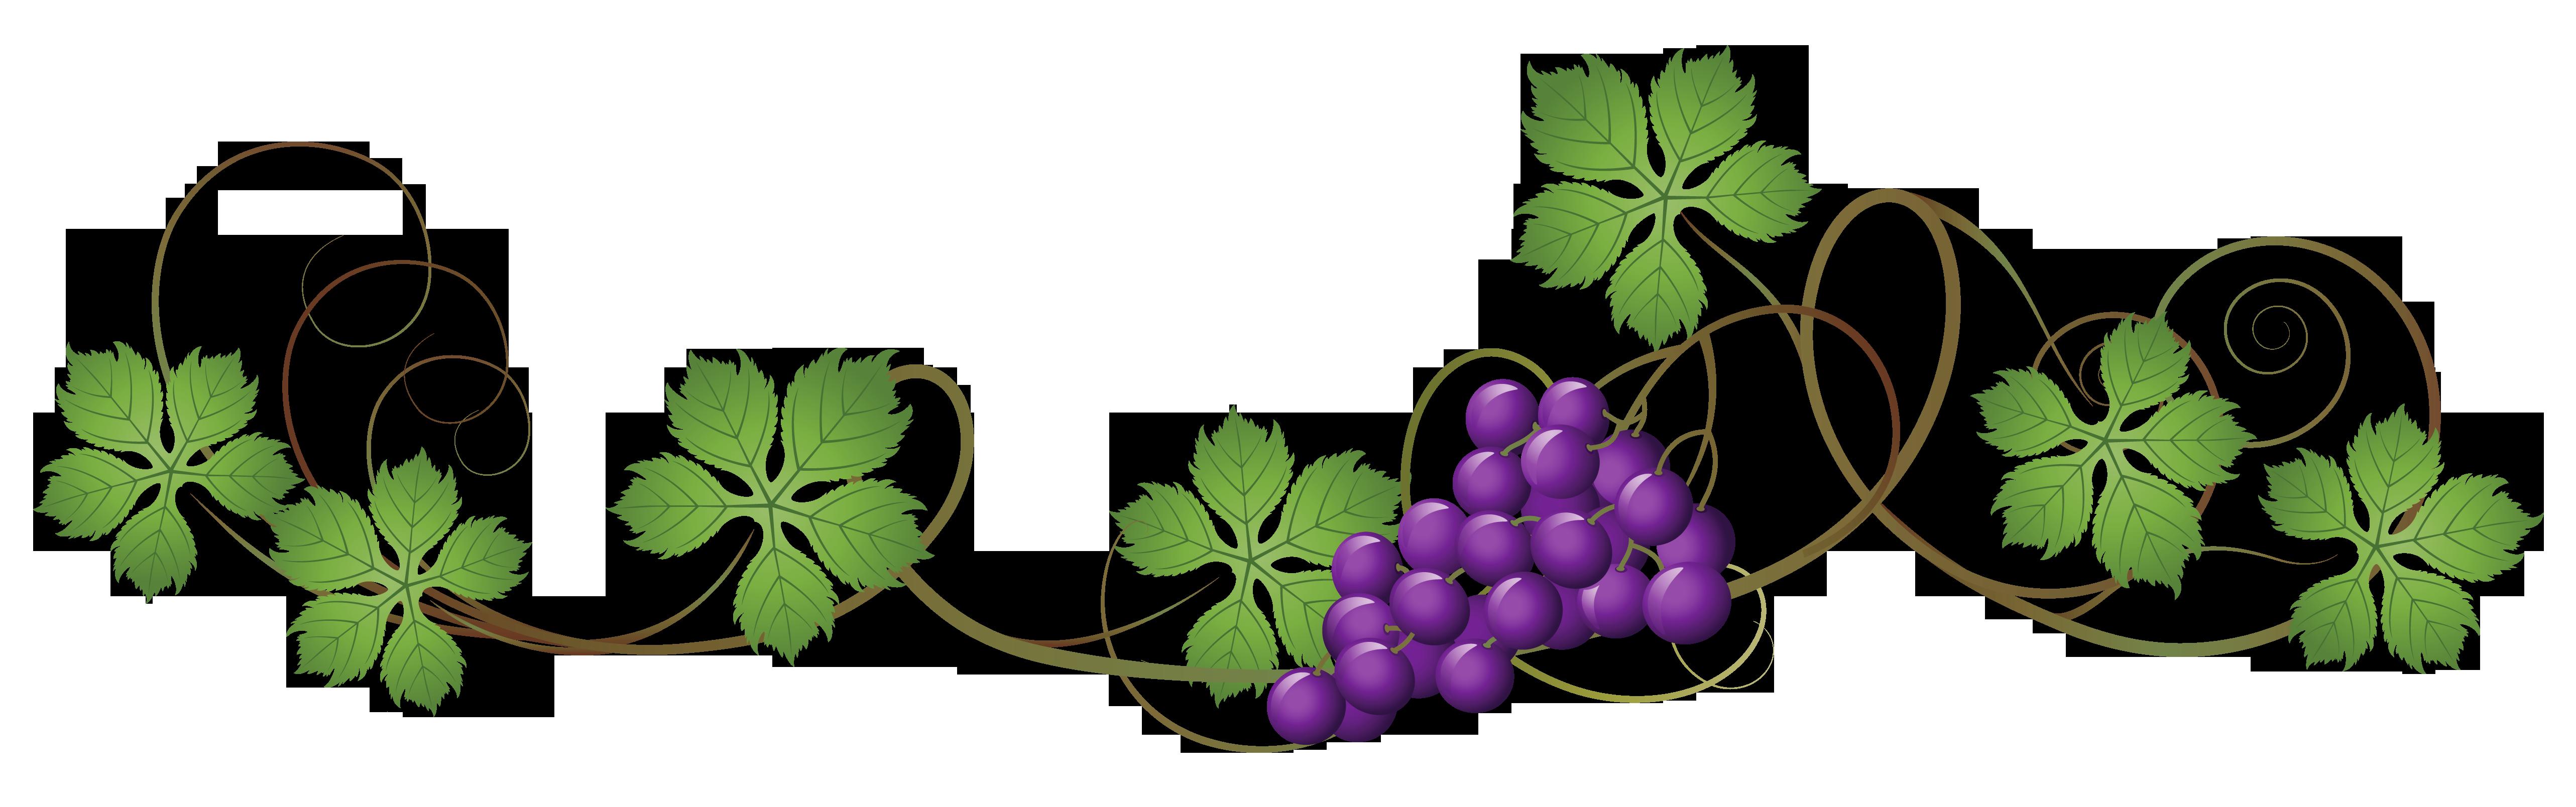 Vine Decoration PNG Clipart Picture Vine decoration